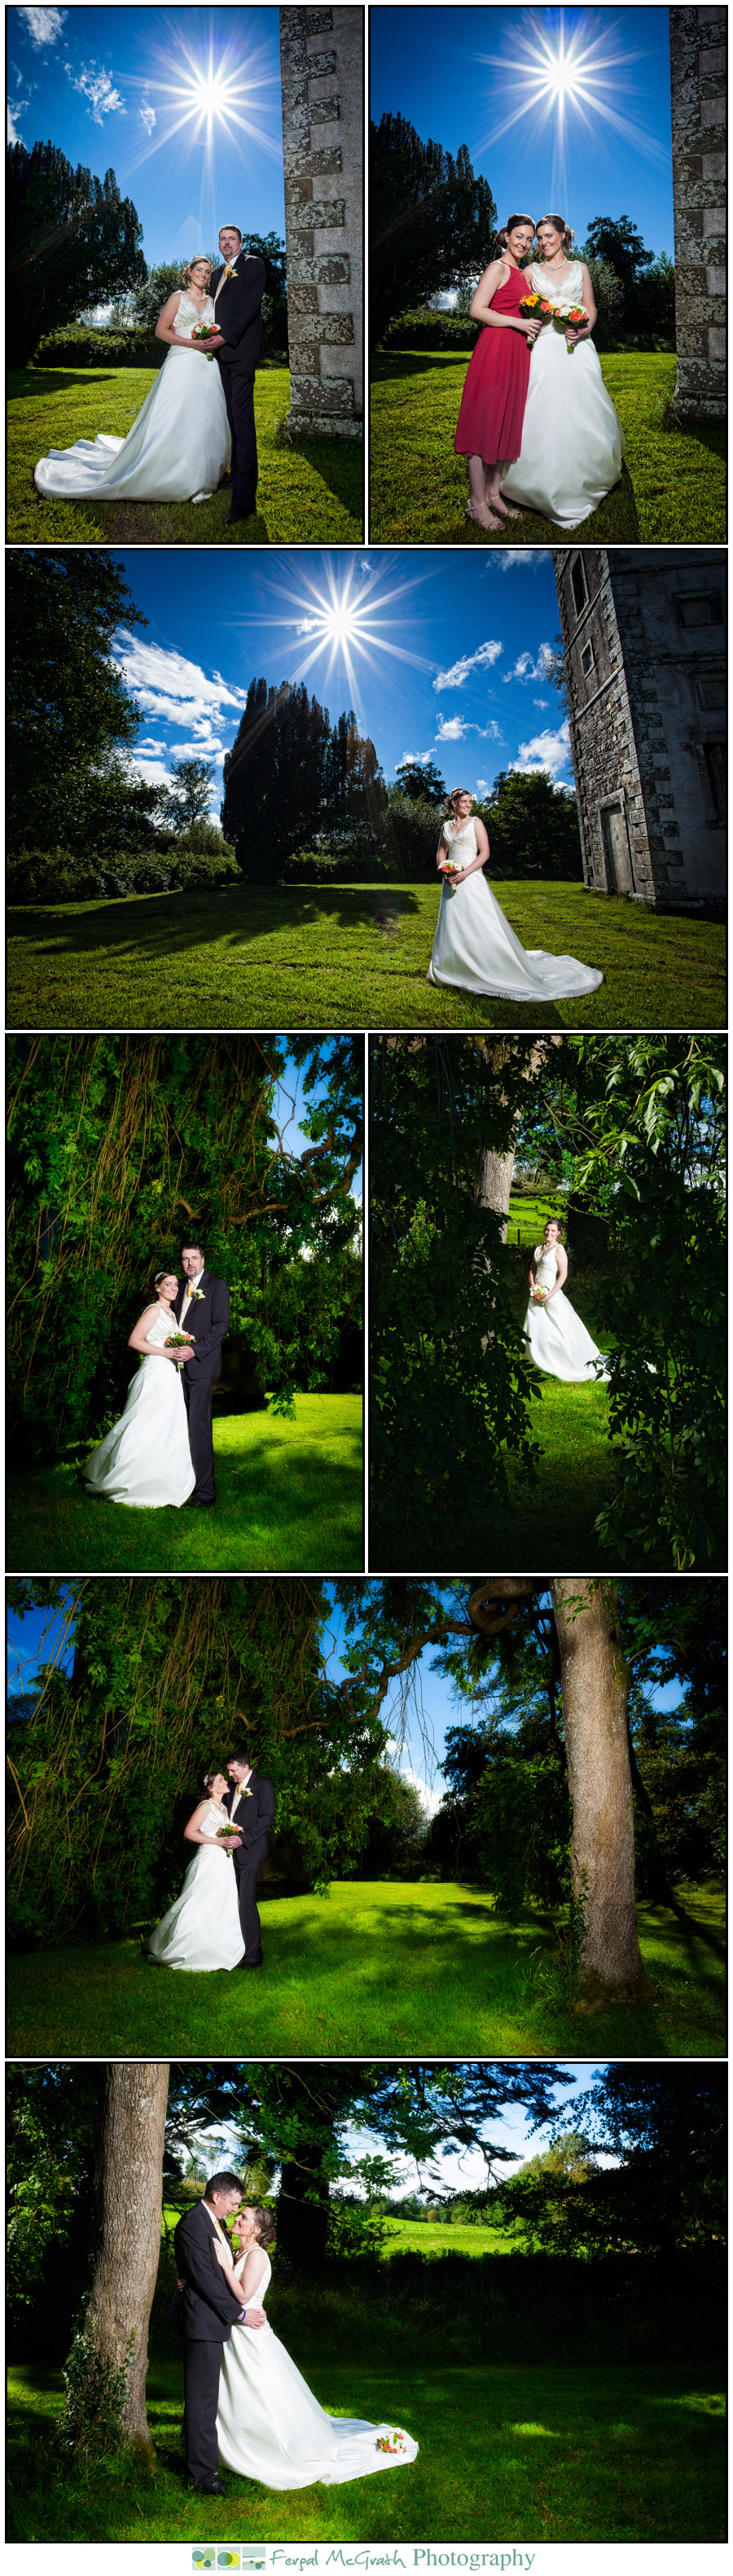 sarah and david moon wedding photos 8